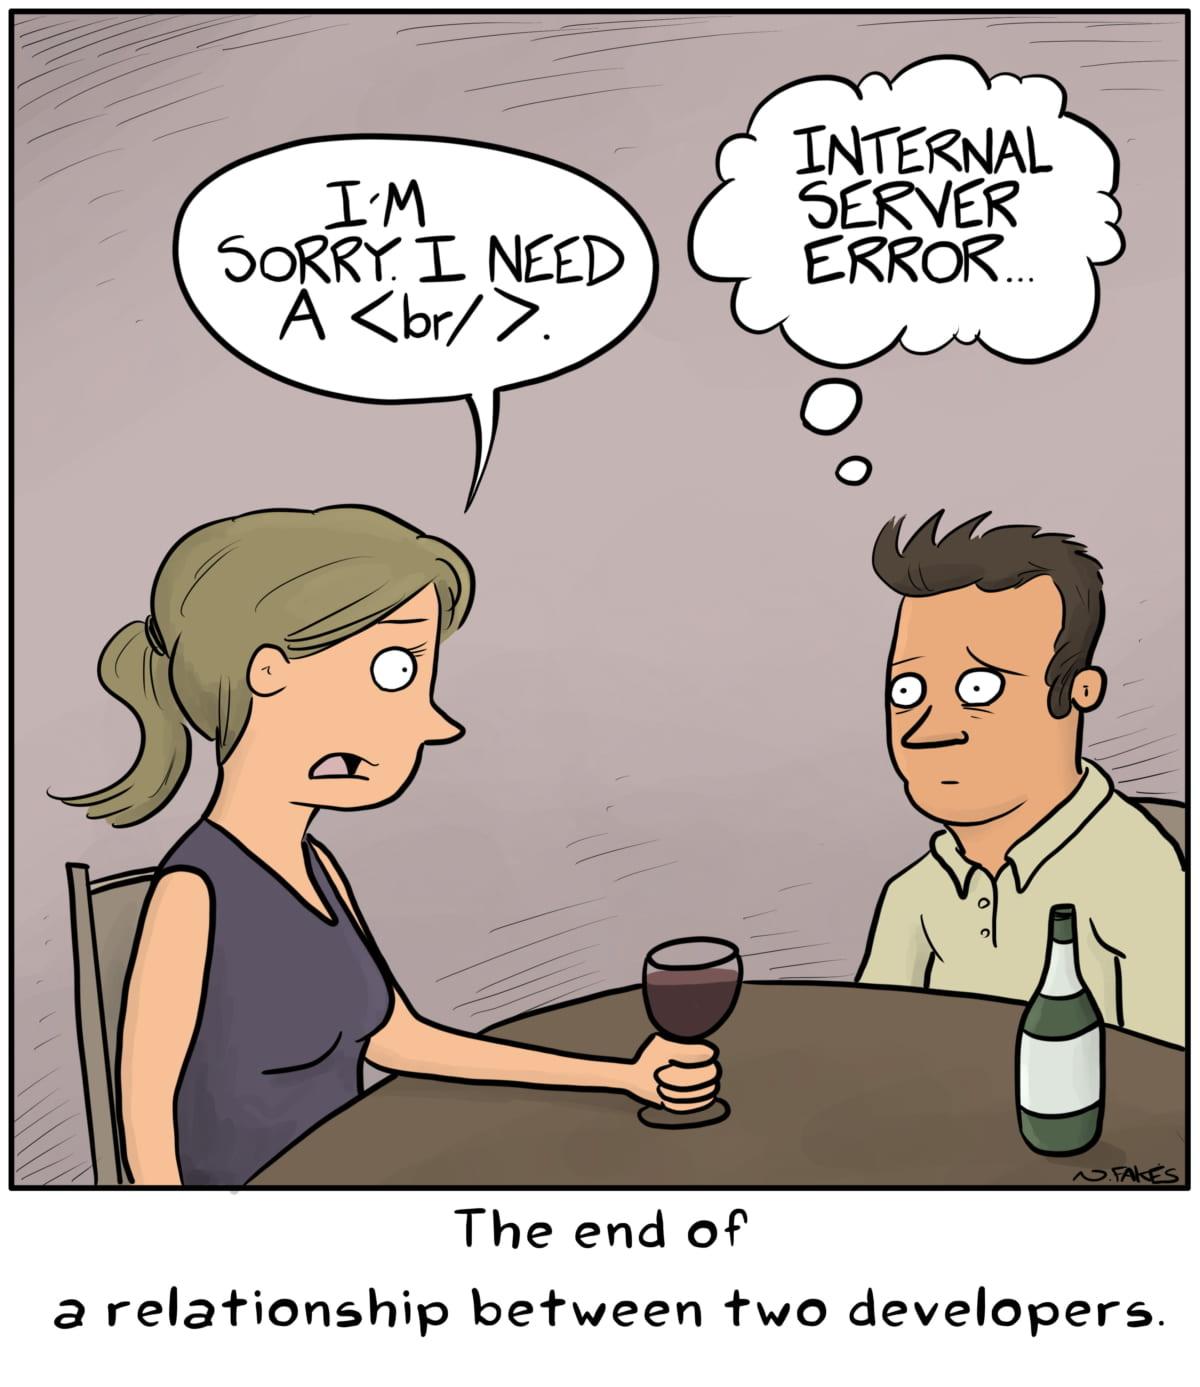 When Developers Break-Up